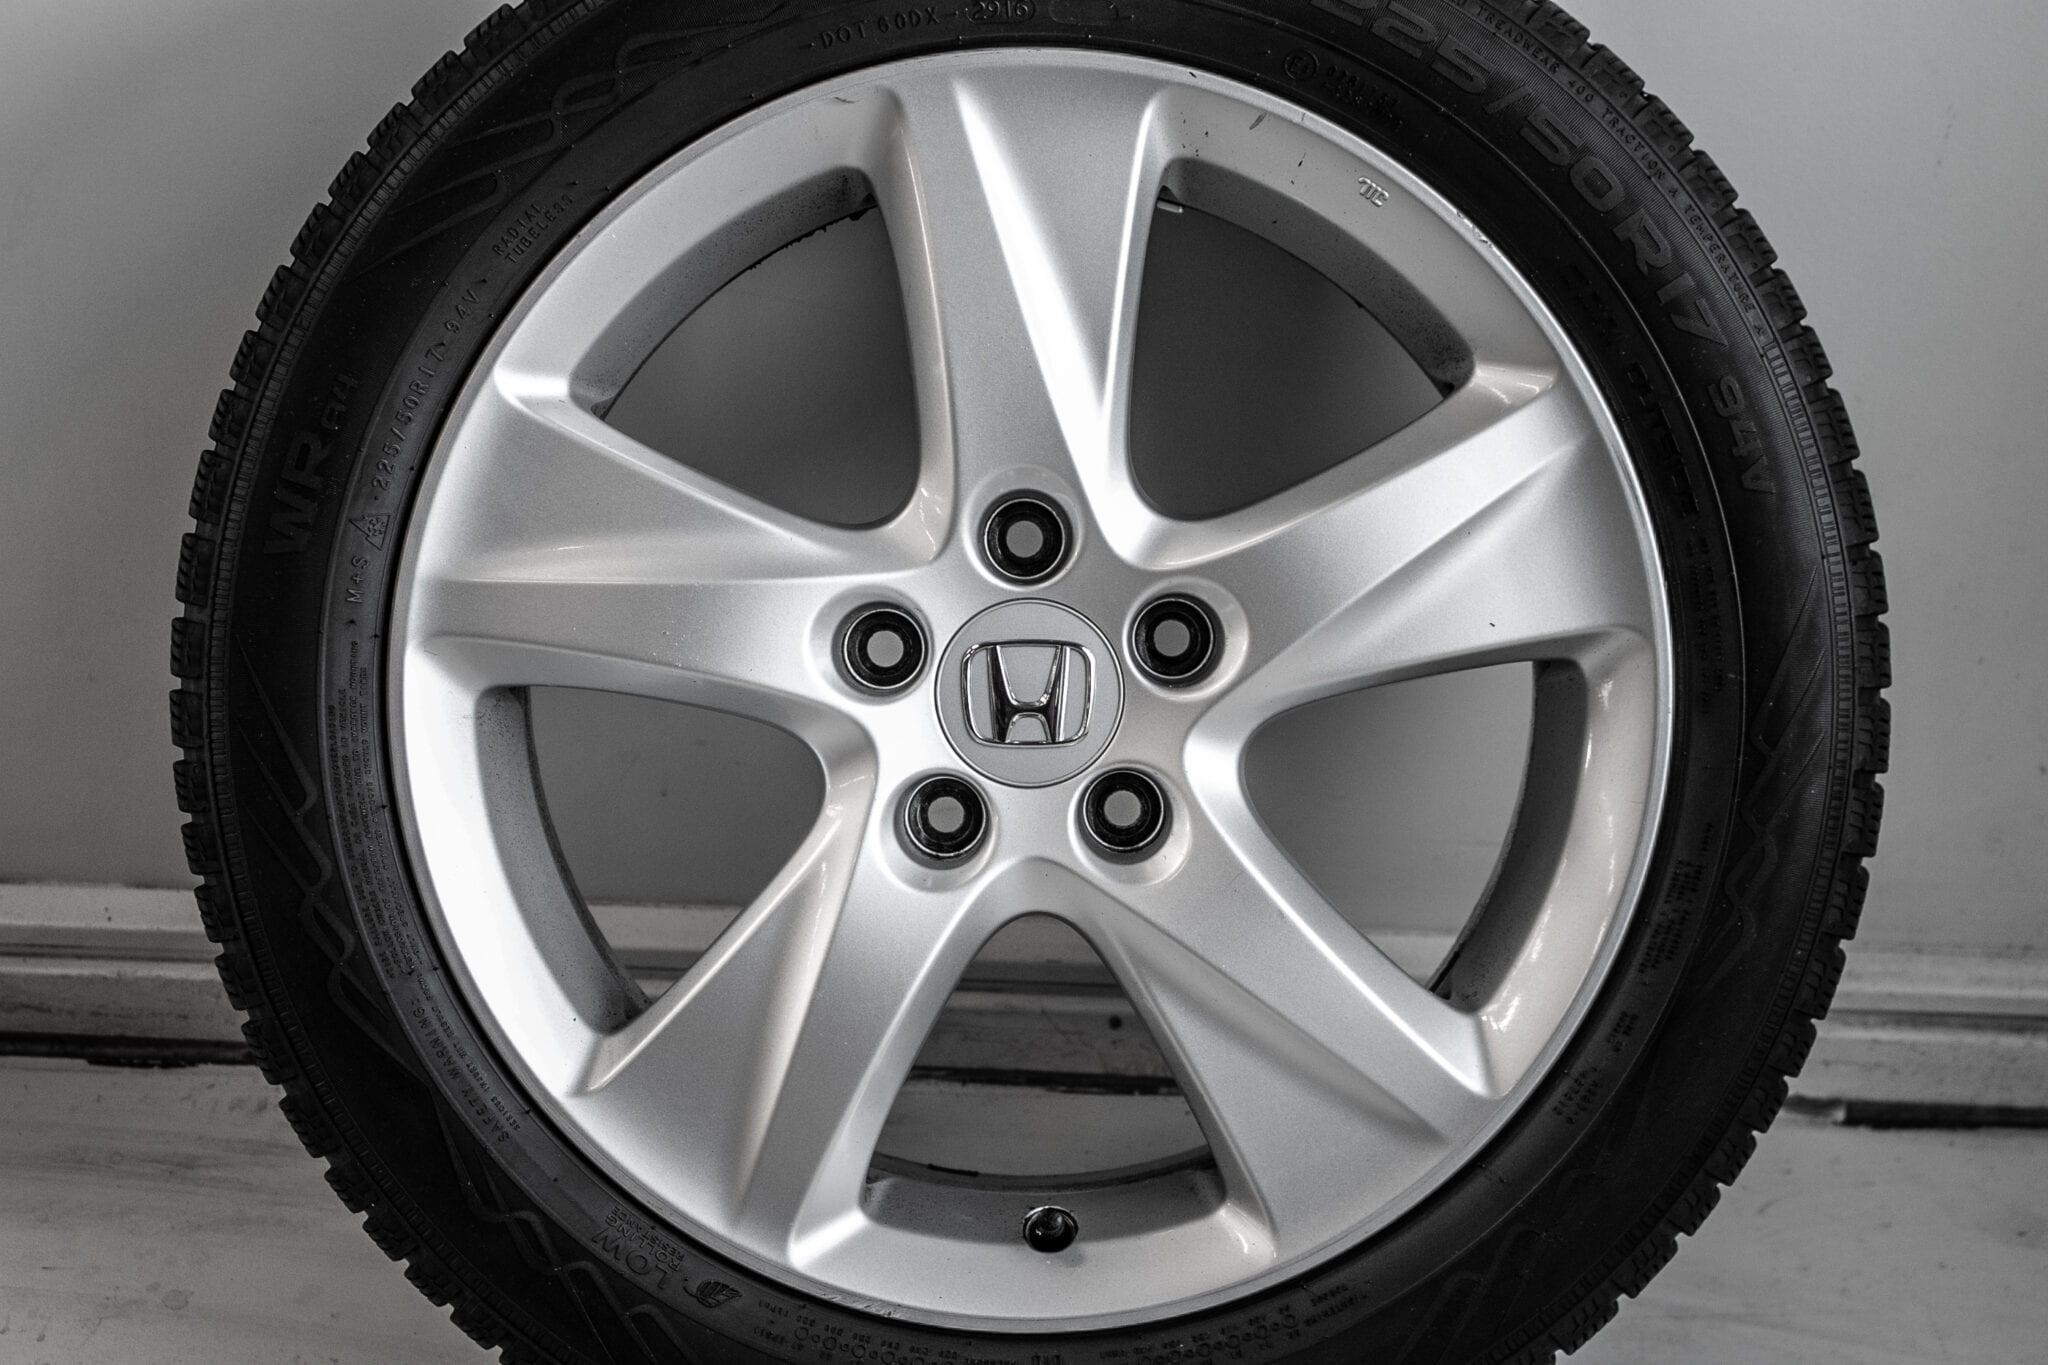 """17"""" Winterwielen voor de Honda Accord ('09>) €449 Gebruikt. Profieldiepte: 4.5mm - 5.7mm"""